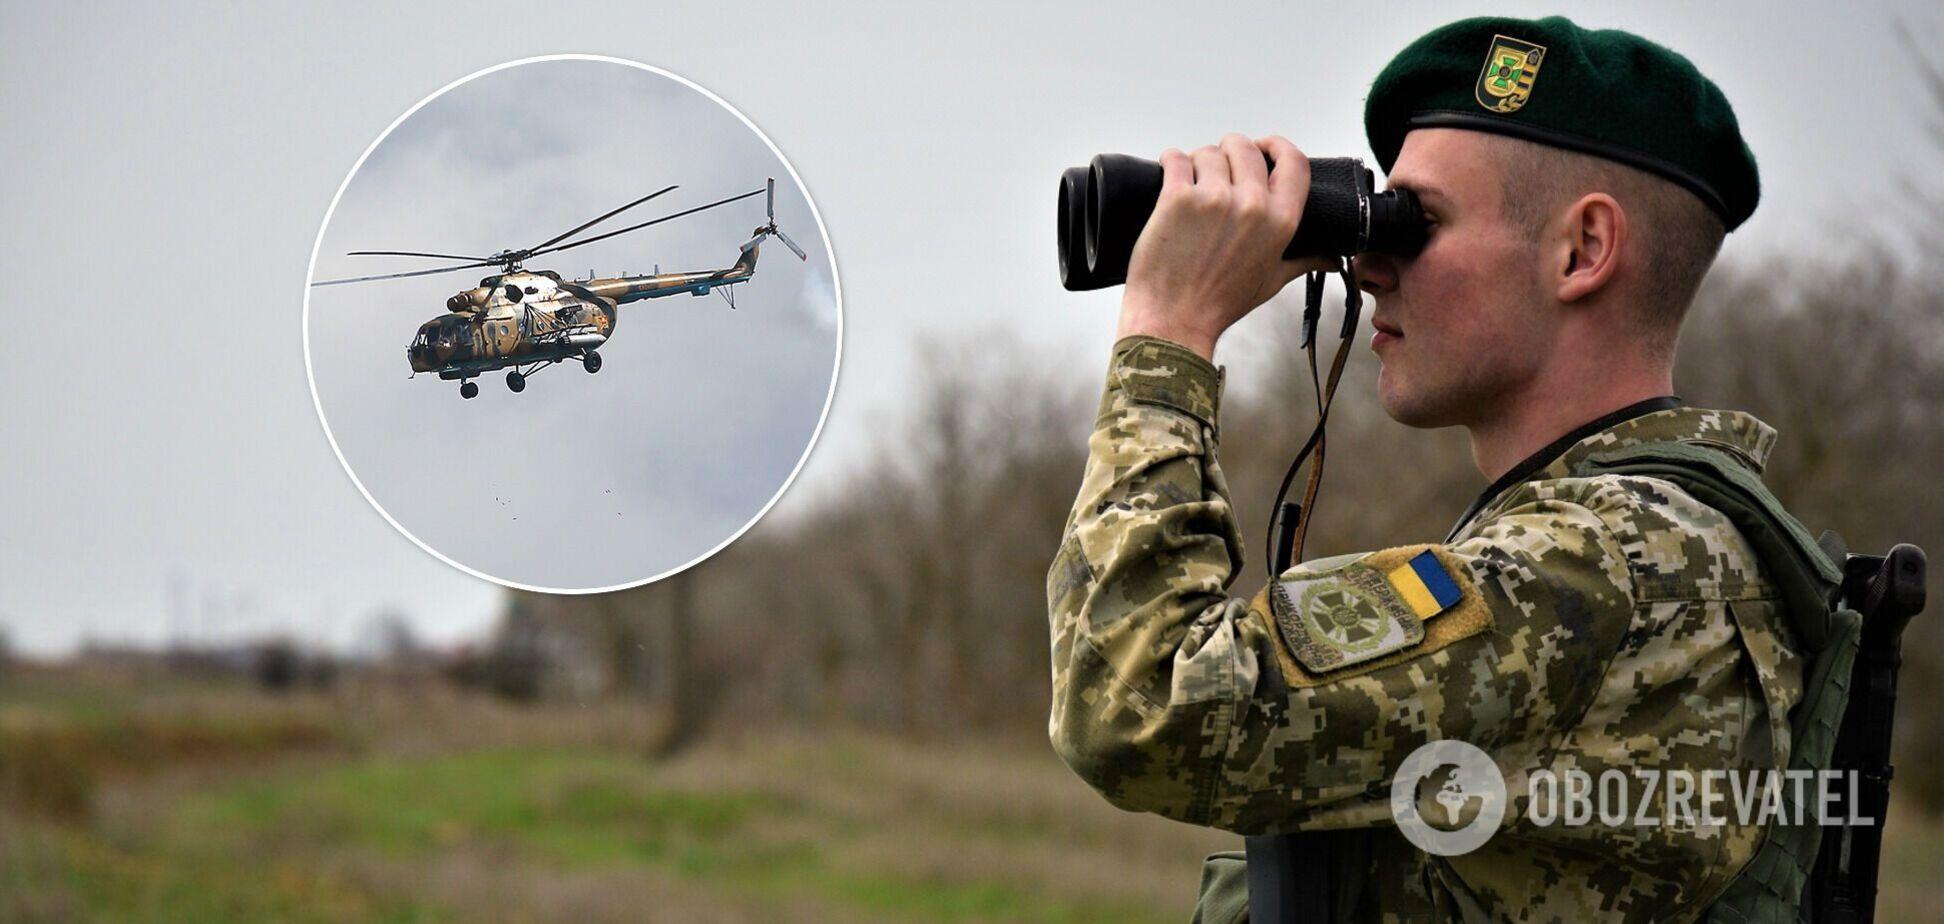 Российский вертолет нарушил воздушное пространство Украины: направлено срочное письмо. Видео